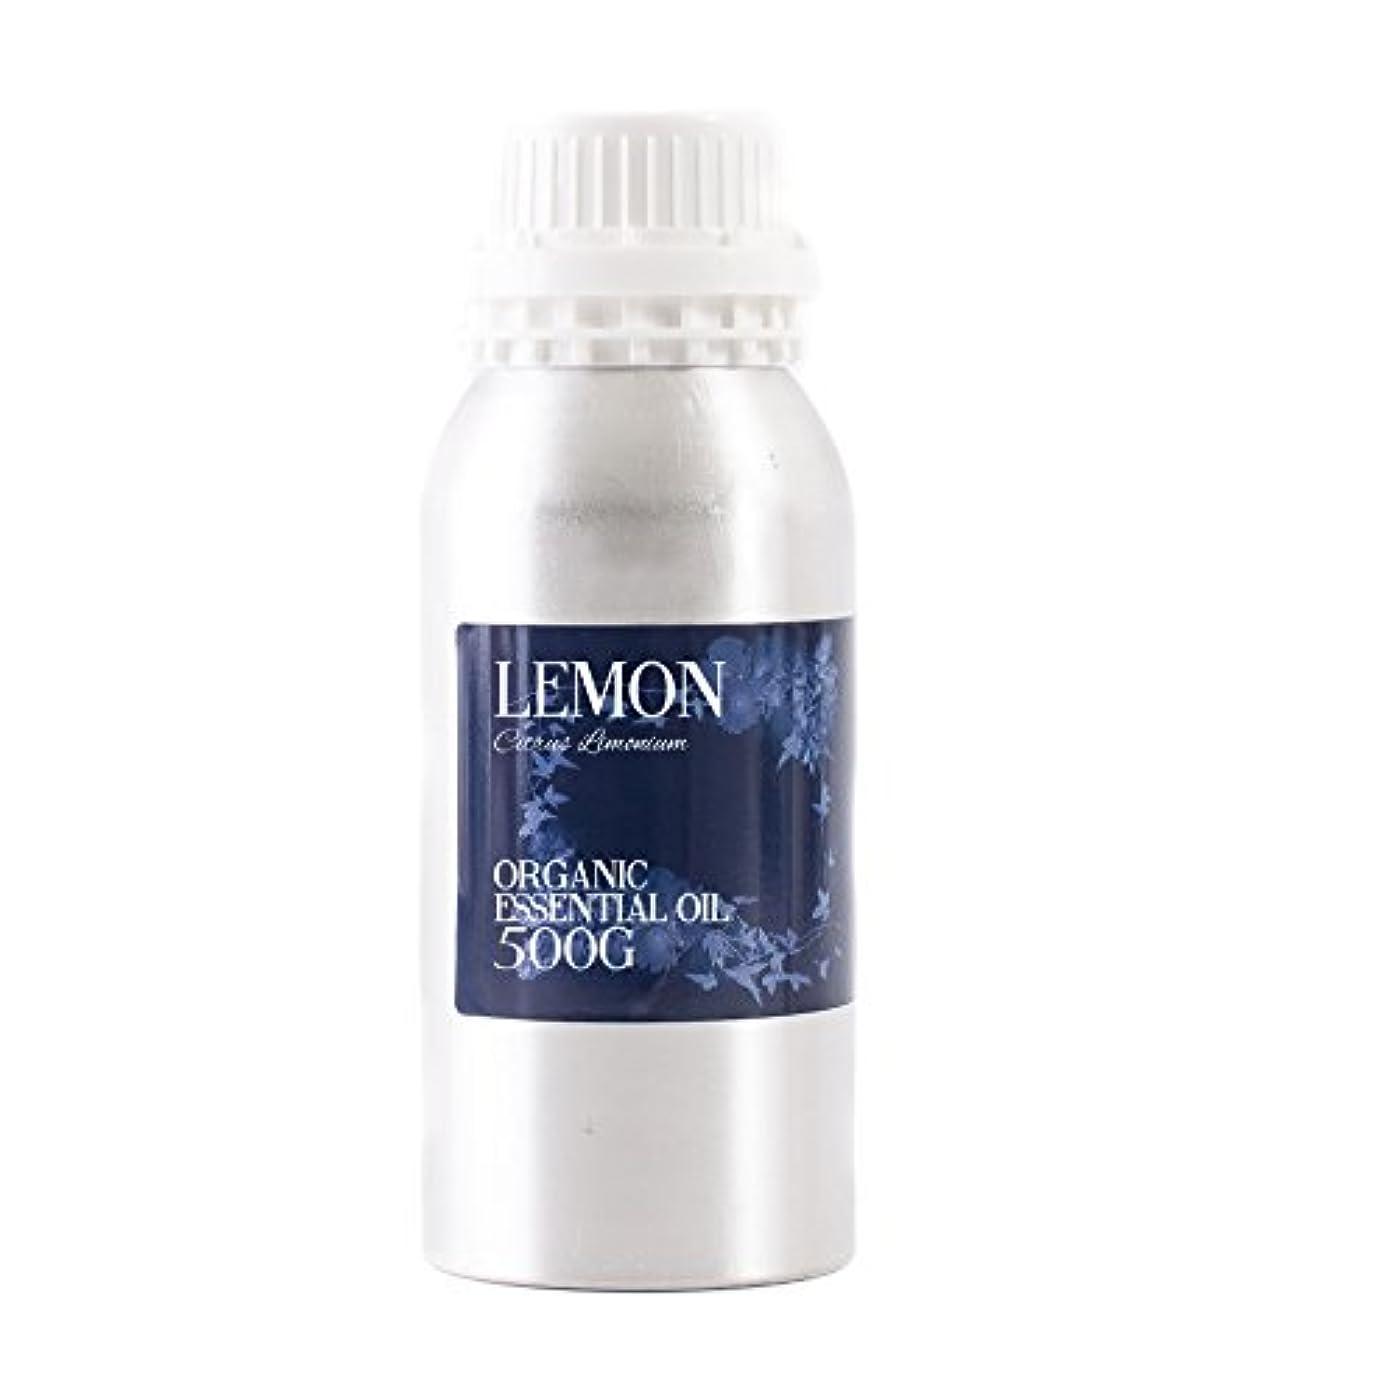 器具医師出身地Mystic Moments | Lemon Organic Essential Oil - 500g - 100% Pure